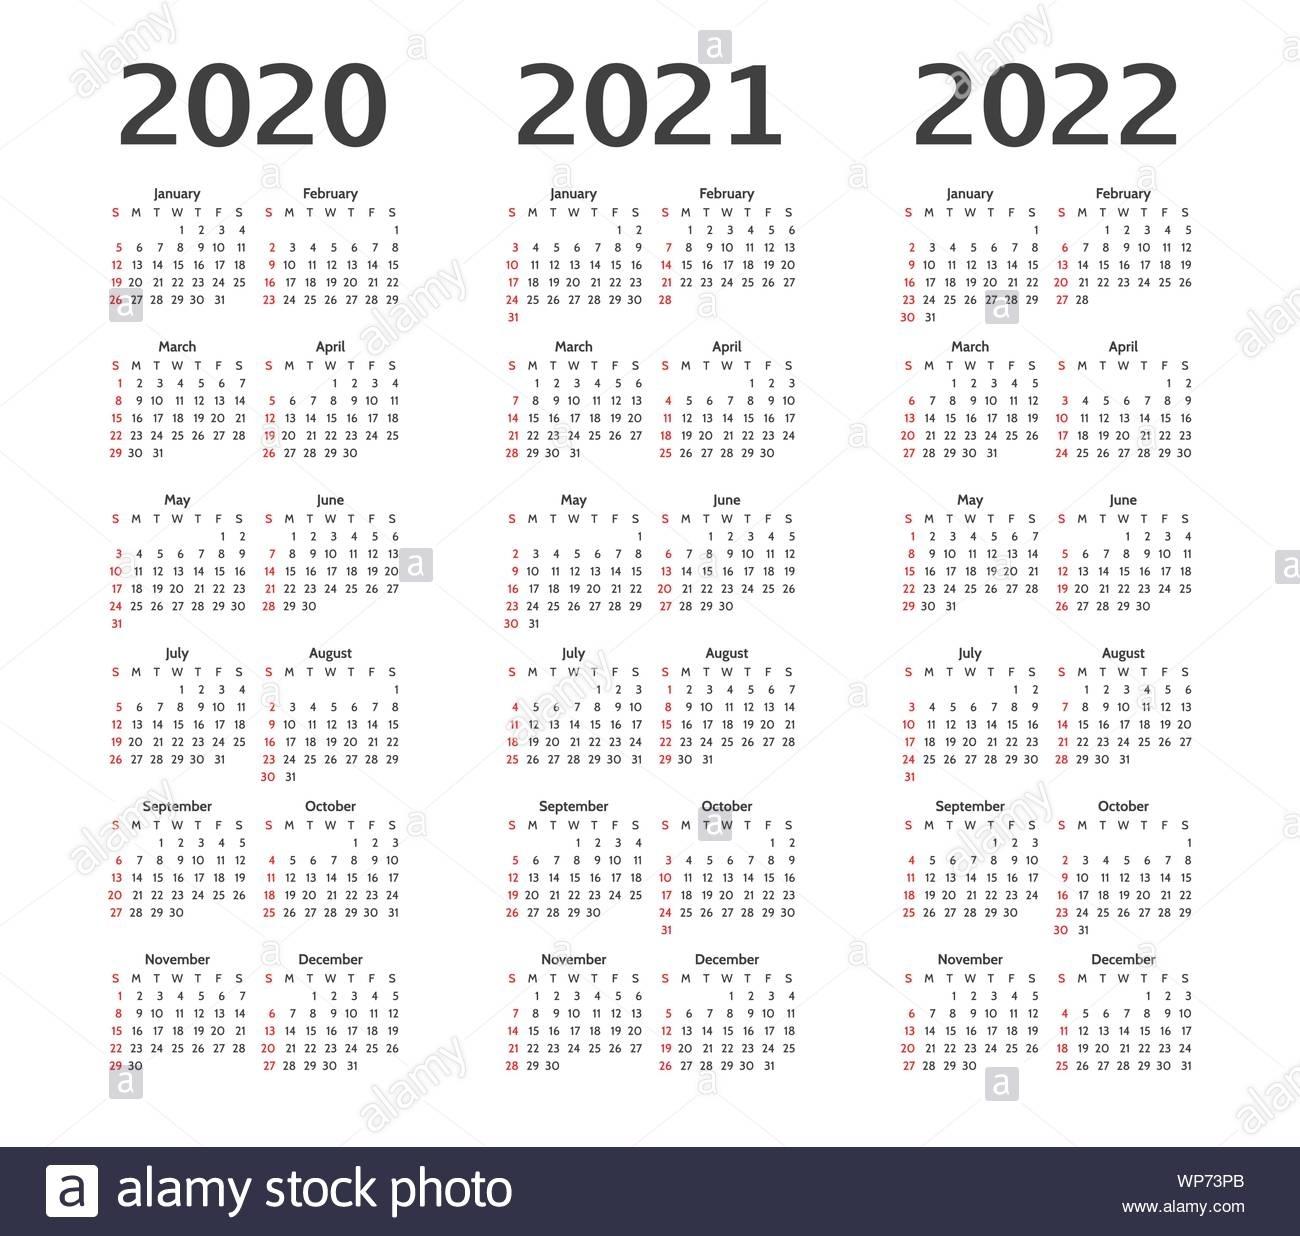 Simple Calendar Layout For 2020, 2021, 2022 Years. Week regarding 2020 2021 2022 Calendar Printable